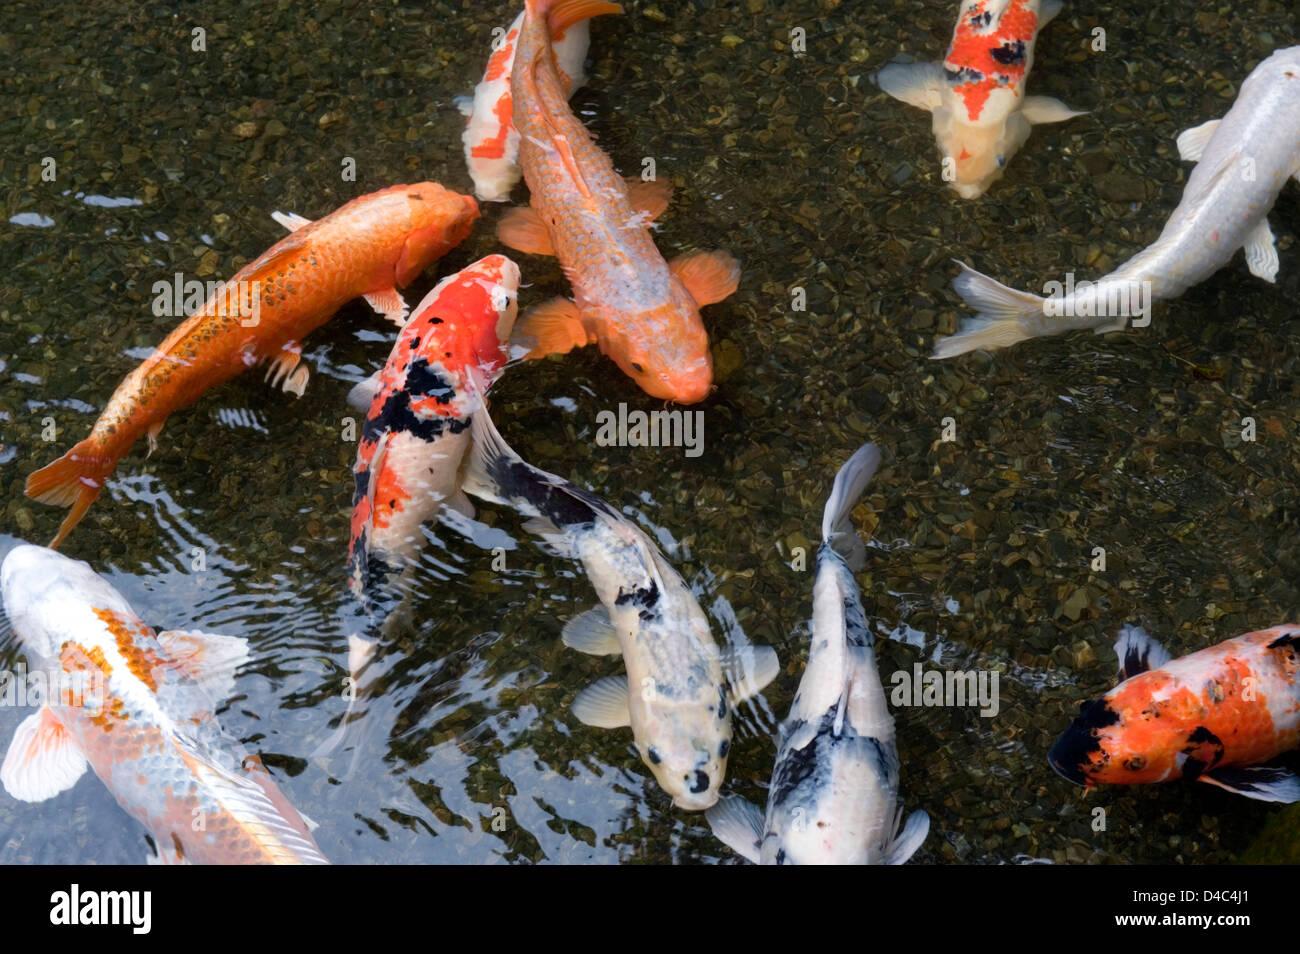 Orange White And Multi Colored Koi Carp Fish Swimming In